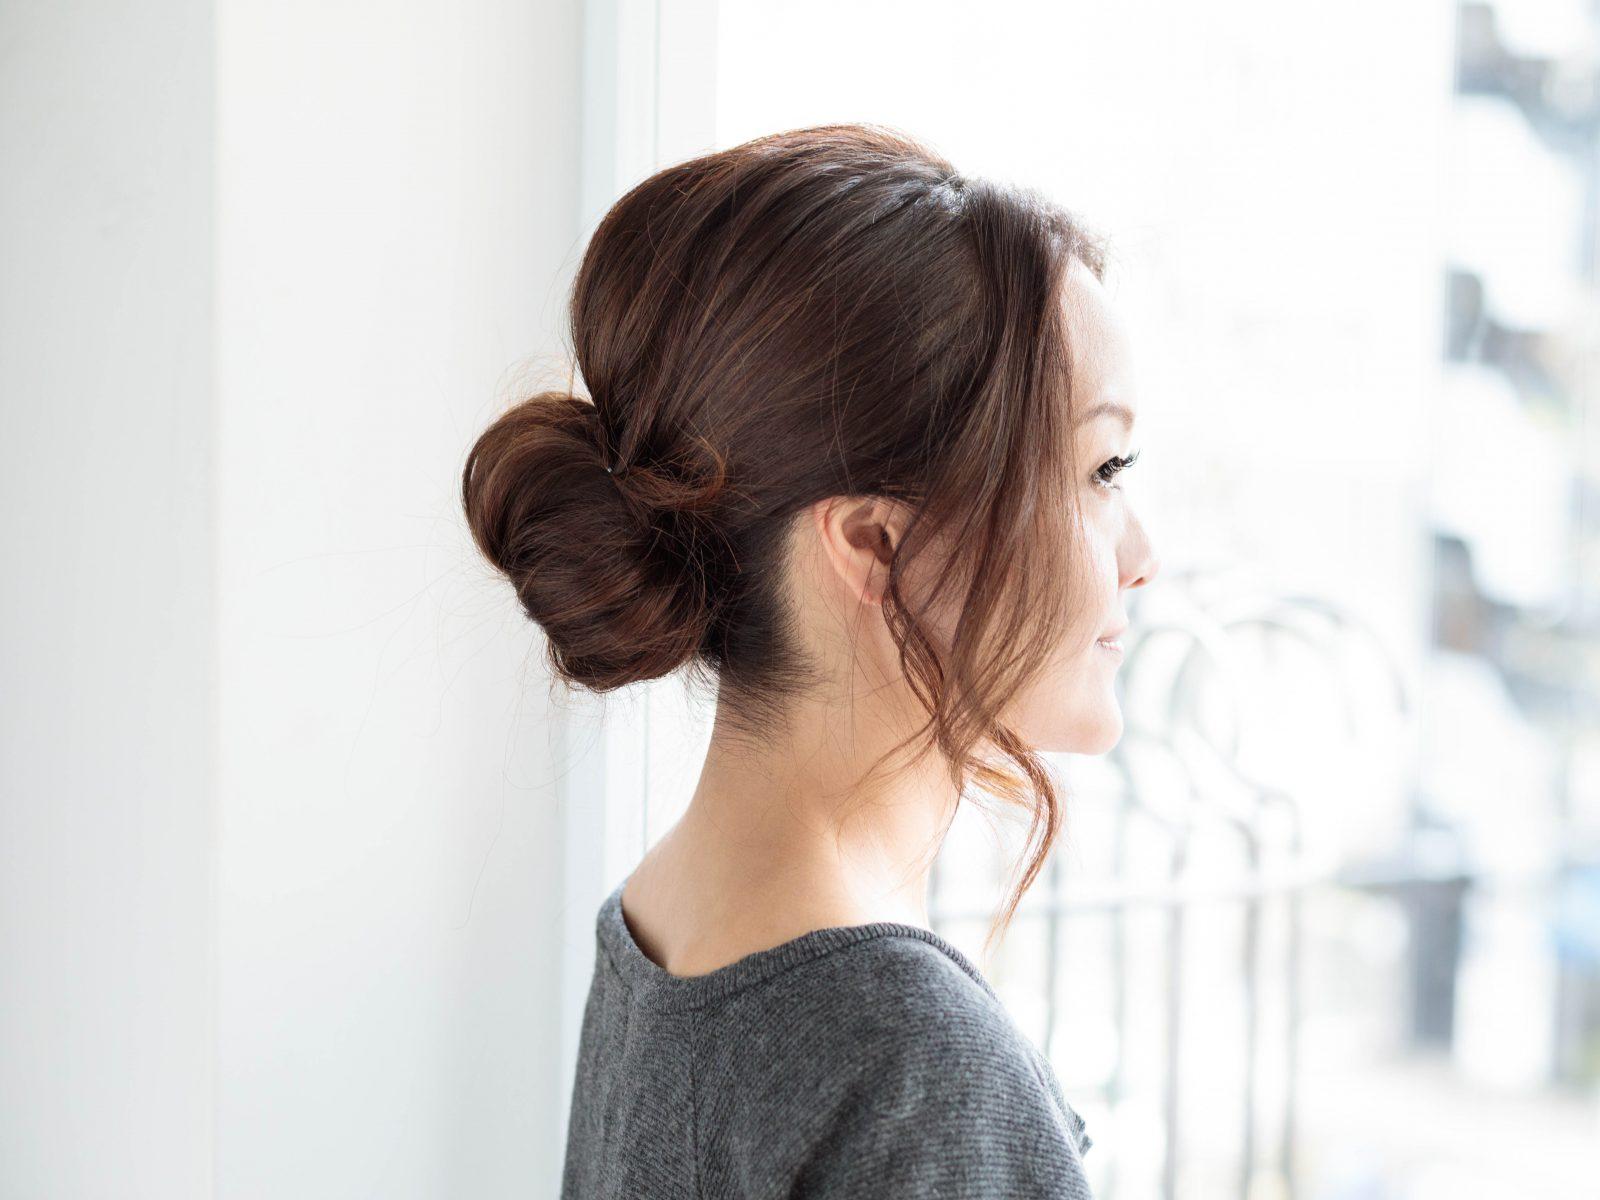 ひと手間で「オバ髪」解消! 40代のヘアアレンジ4選